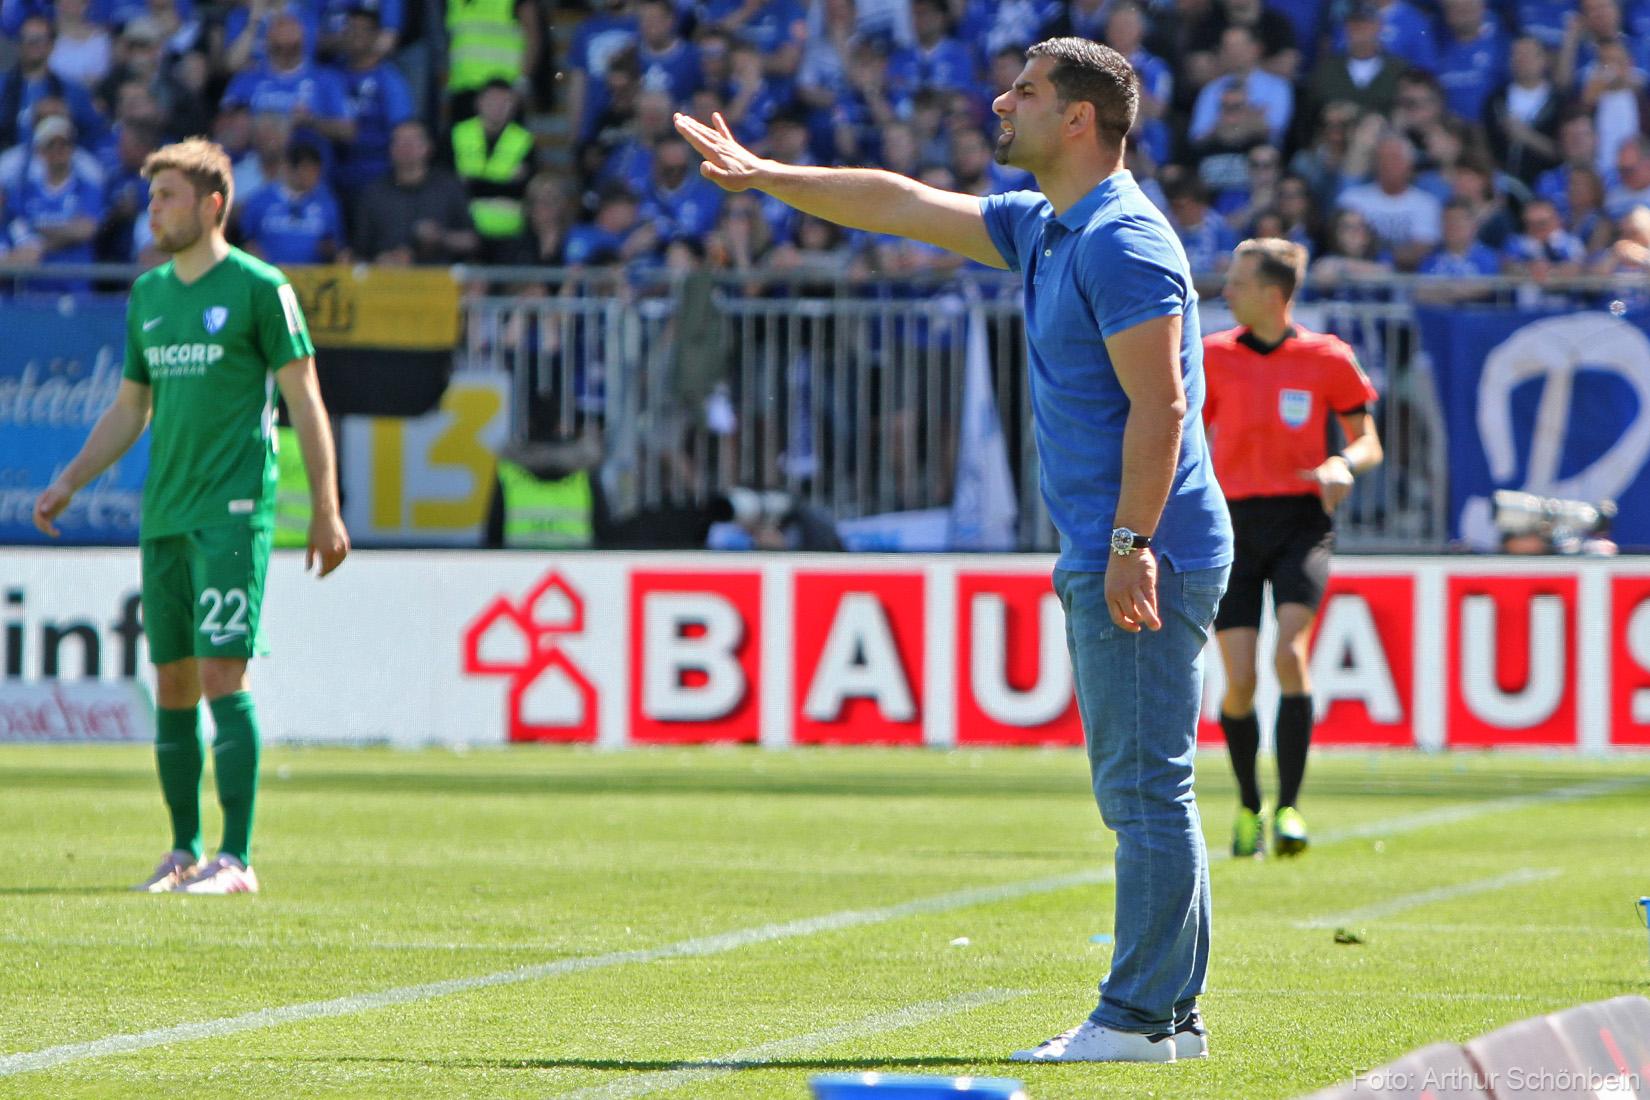 Letzte Saison gegen Bochum – Klassenerhalt muss warten